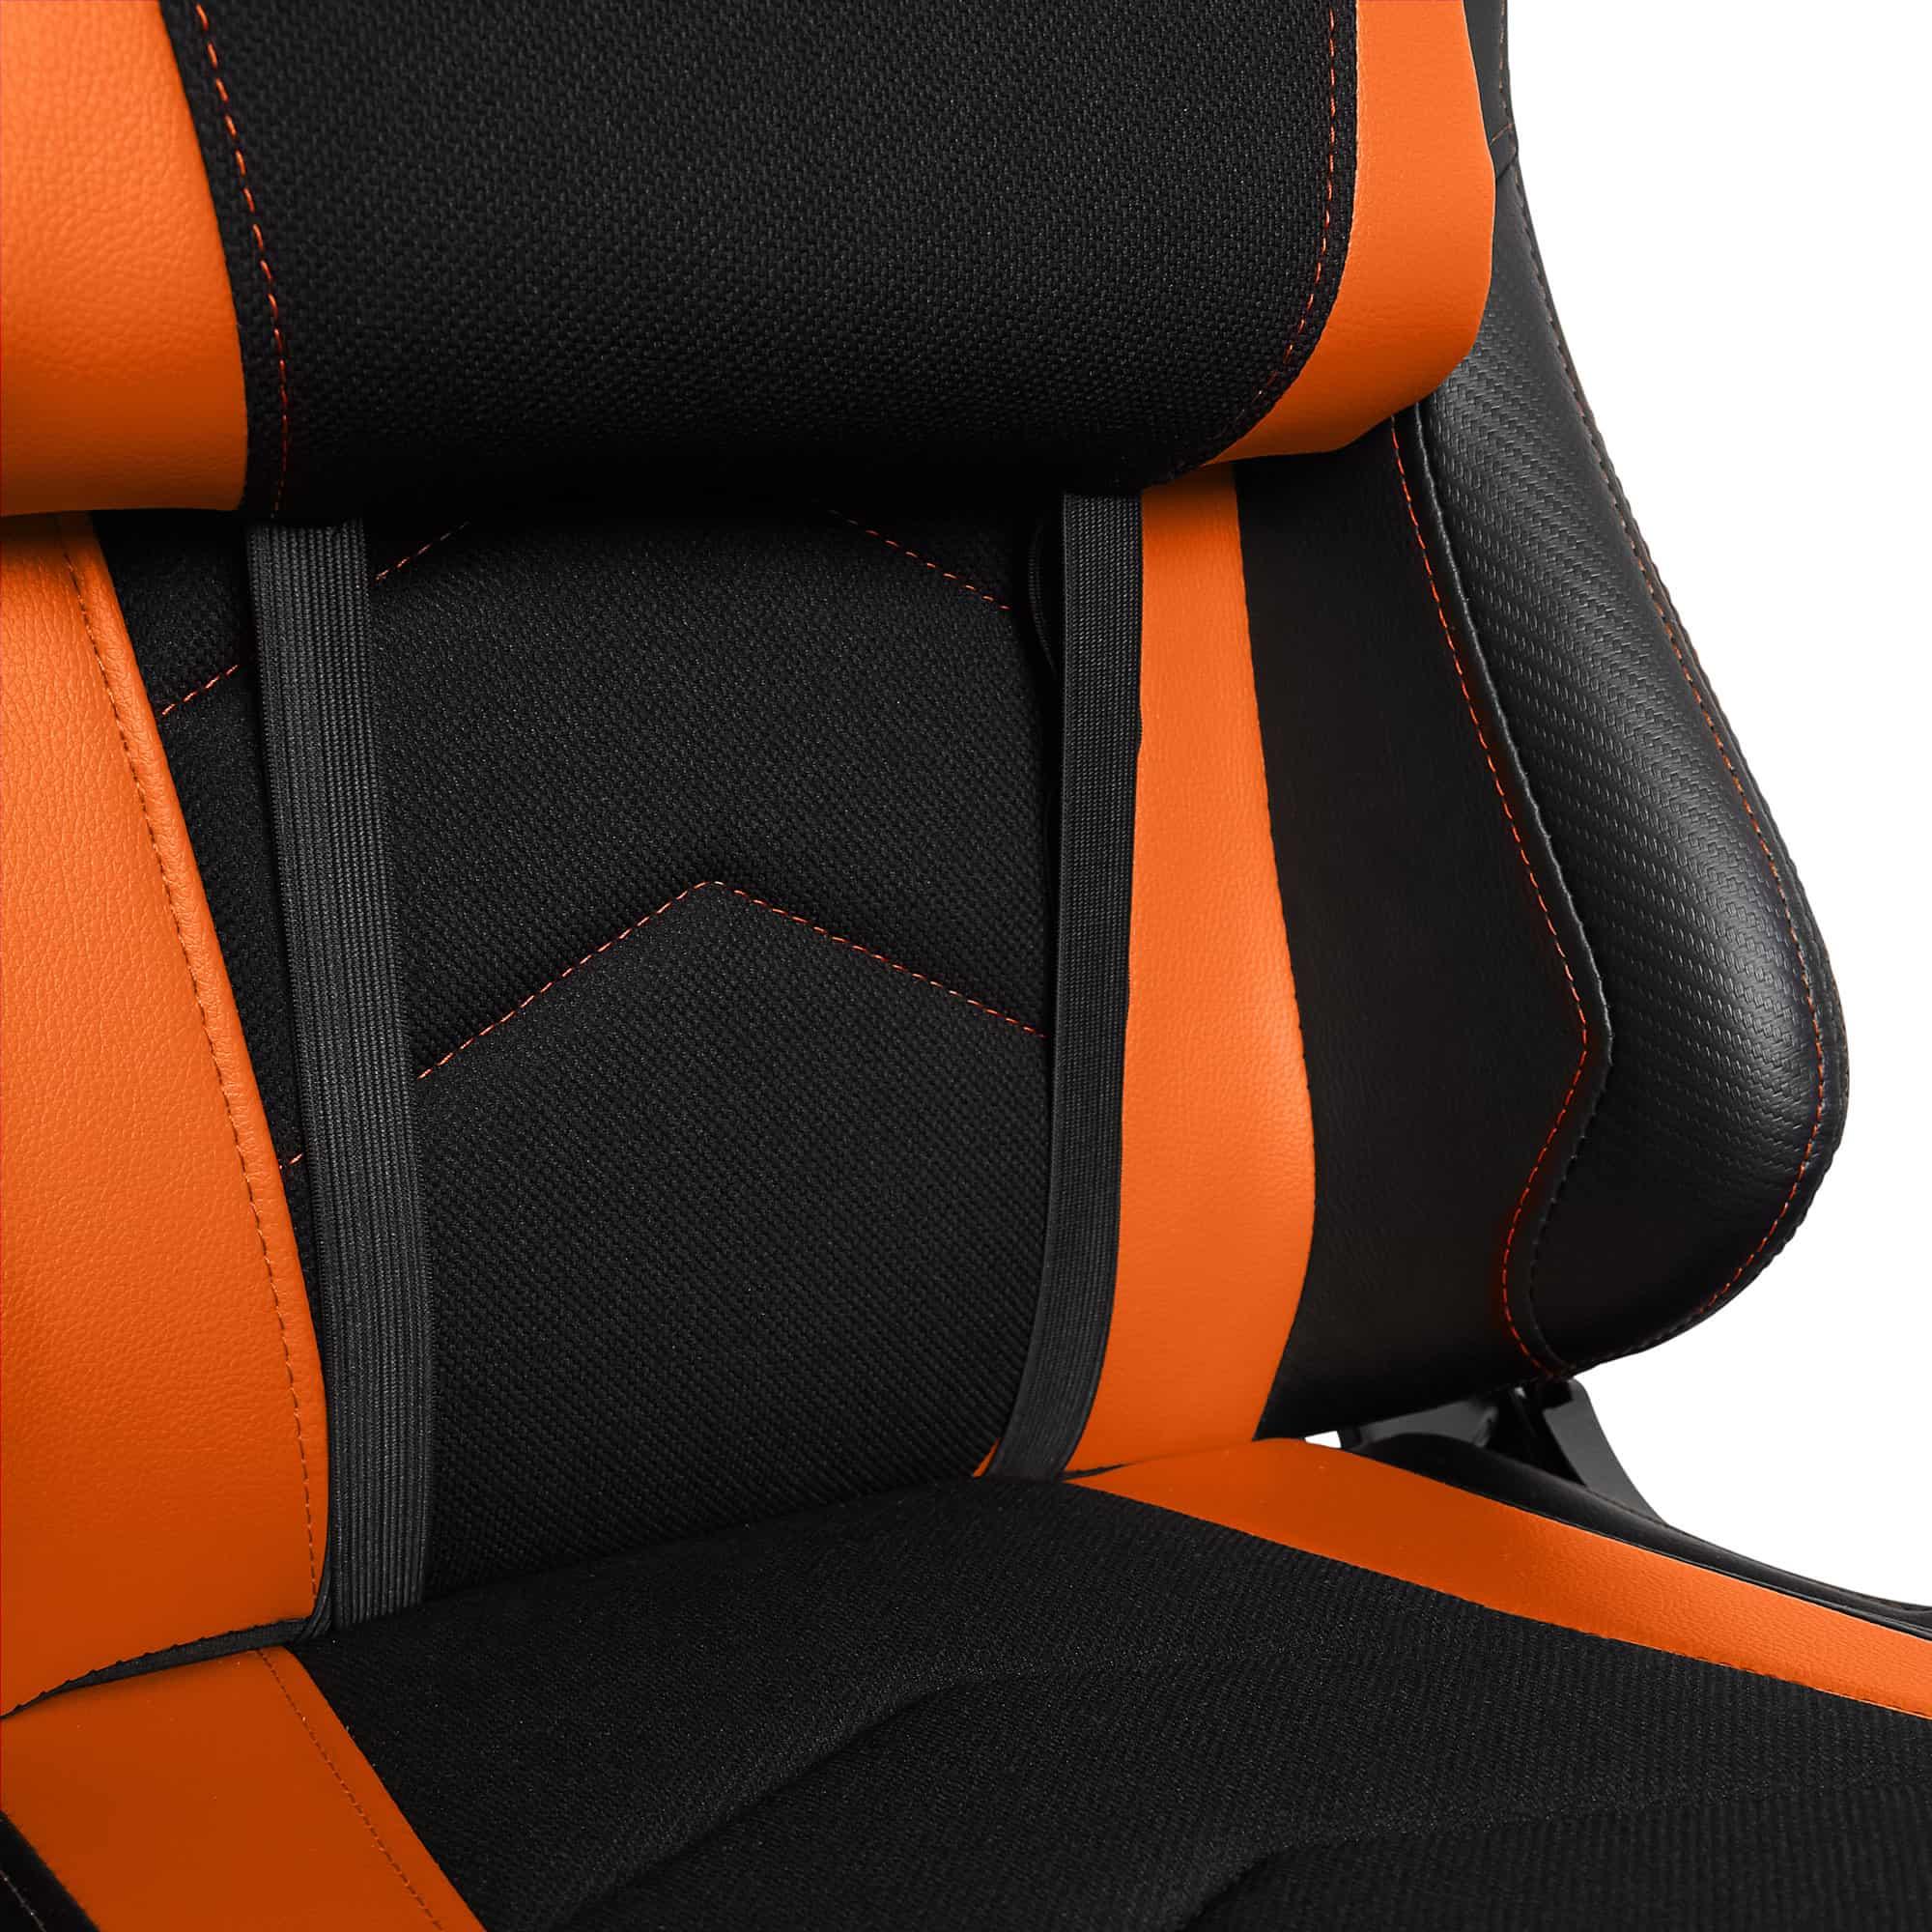 Materiałowy Fotel gamingowy Gamvis Expert Pomarańczowy 4